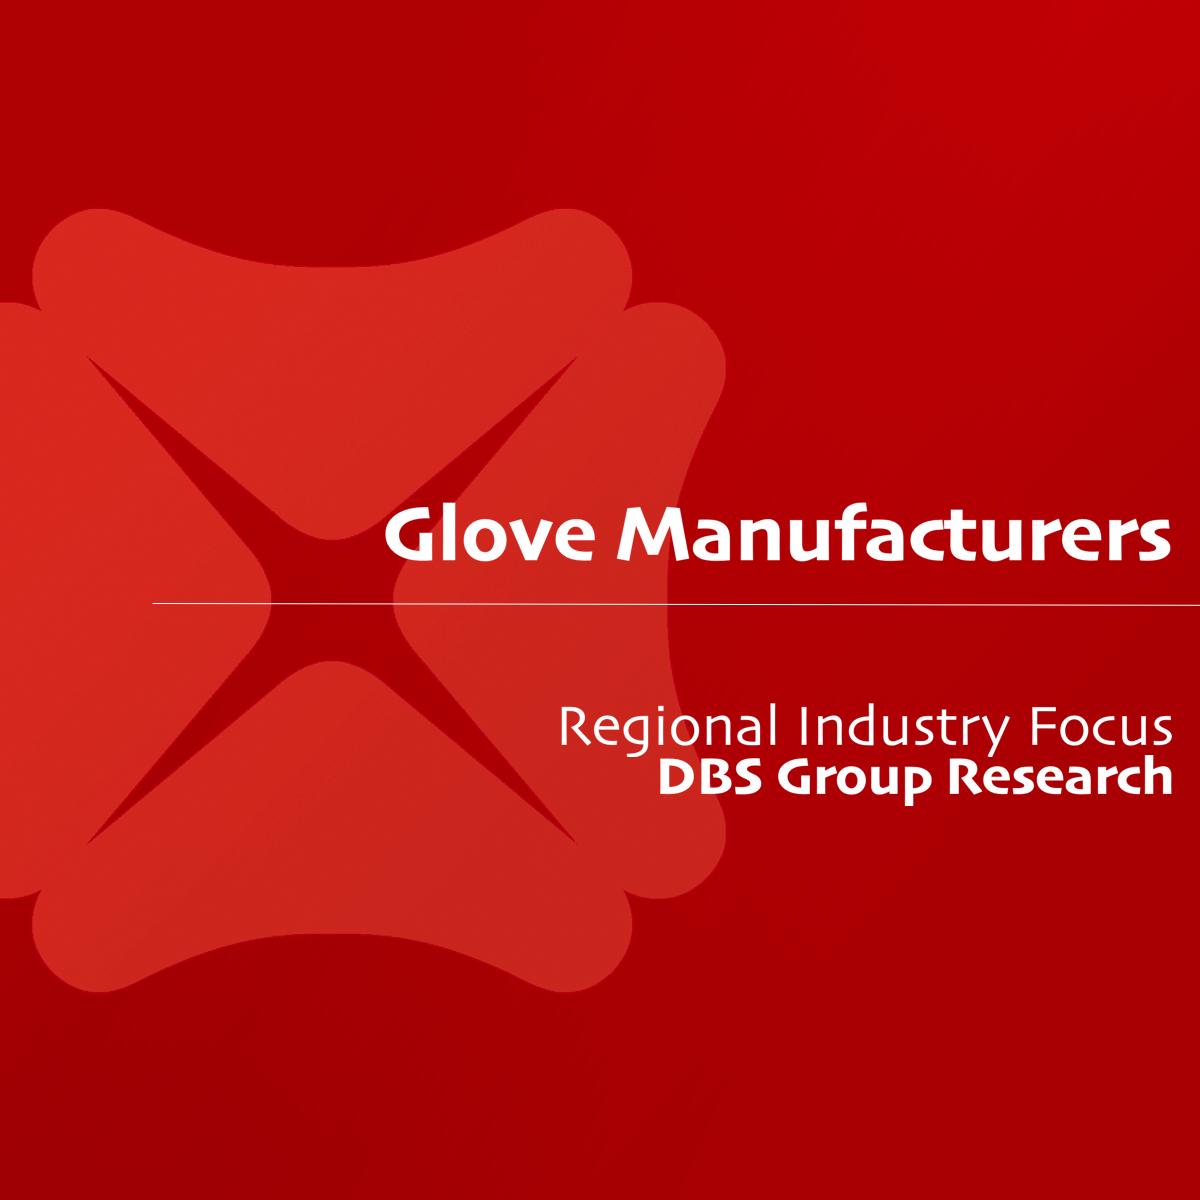 Glove Manufacturers - DBS Research | SGinvestors.io